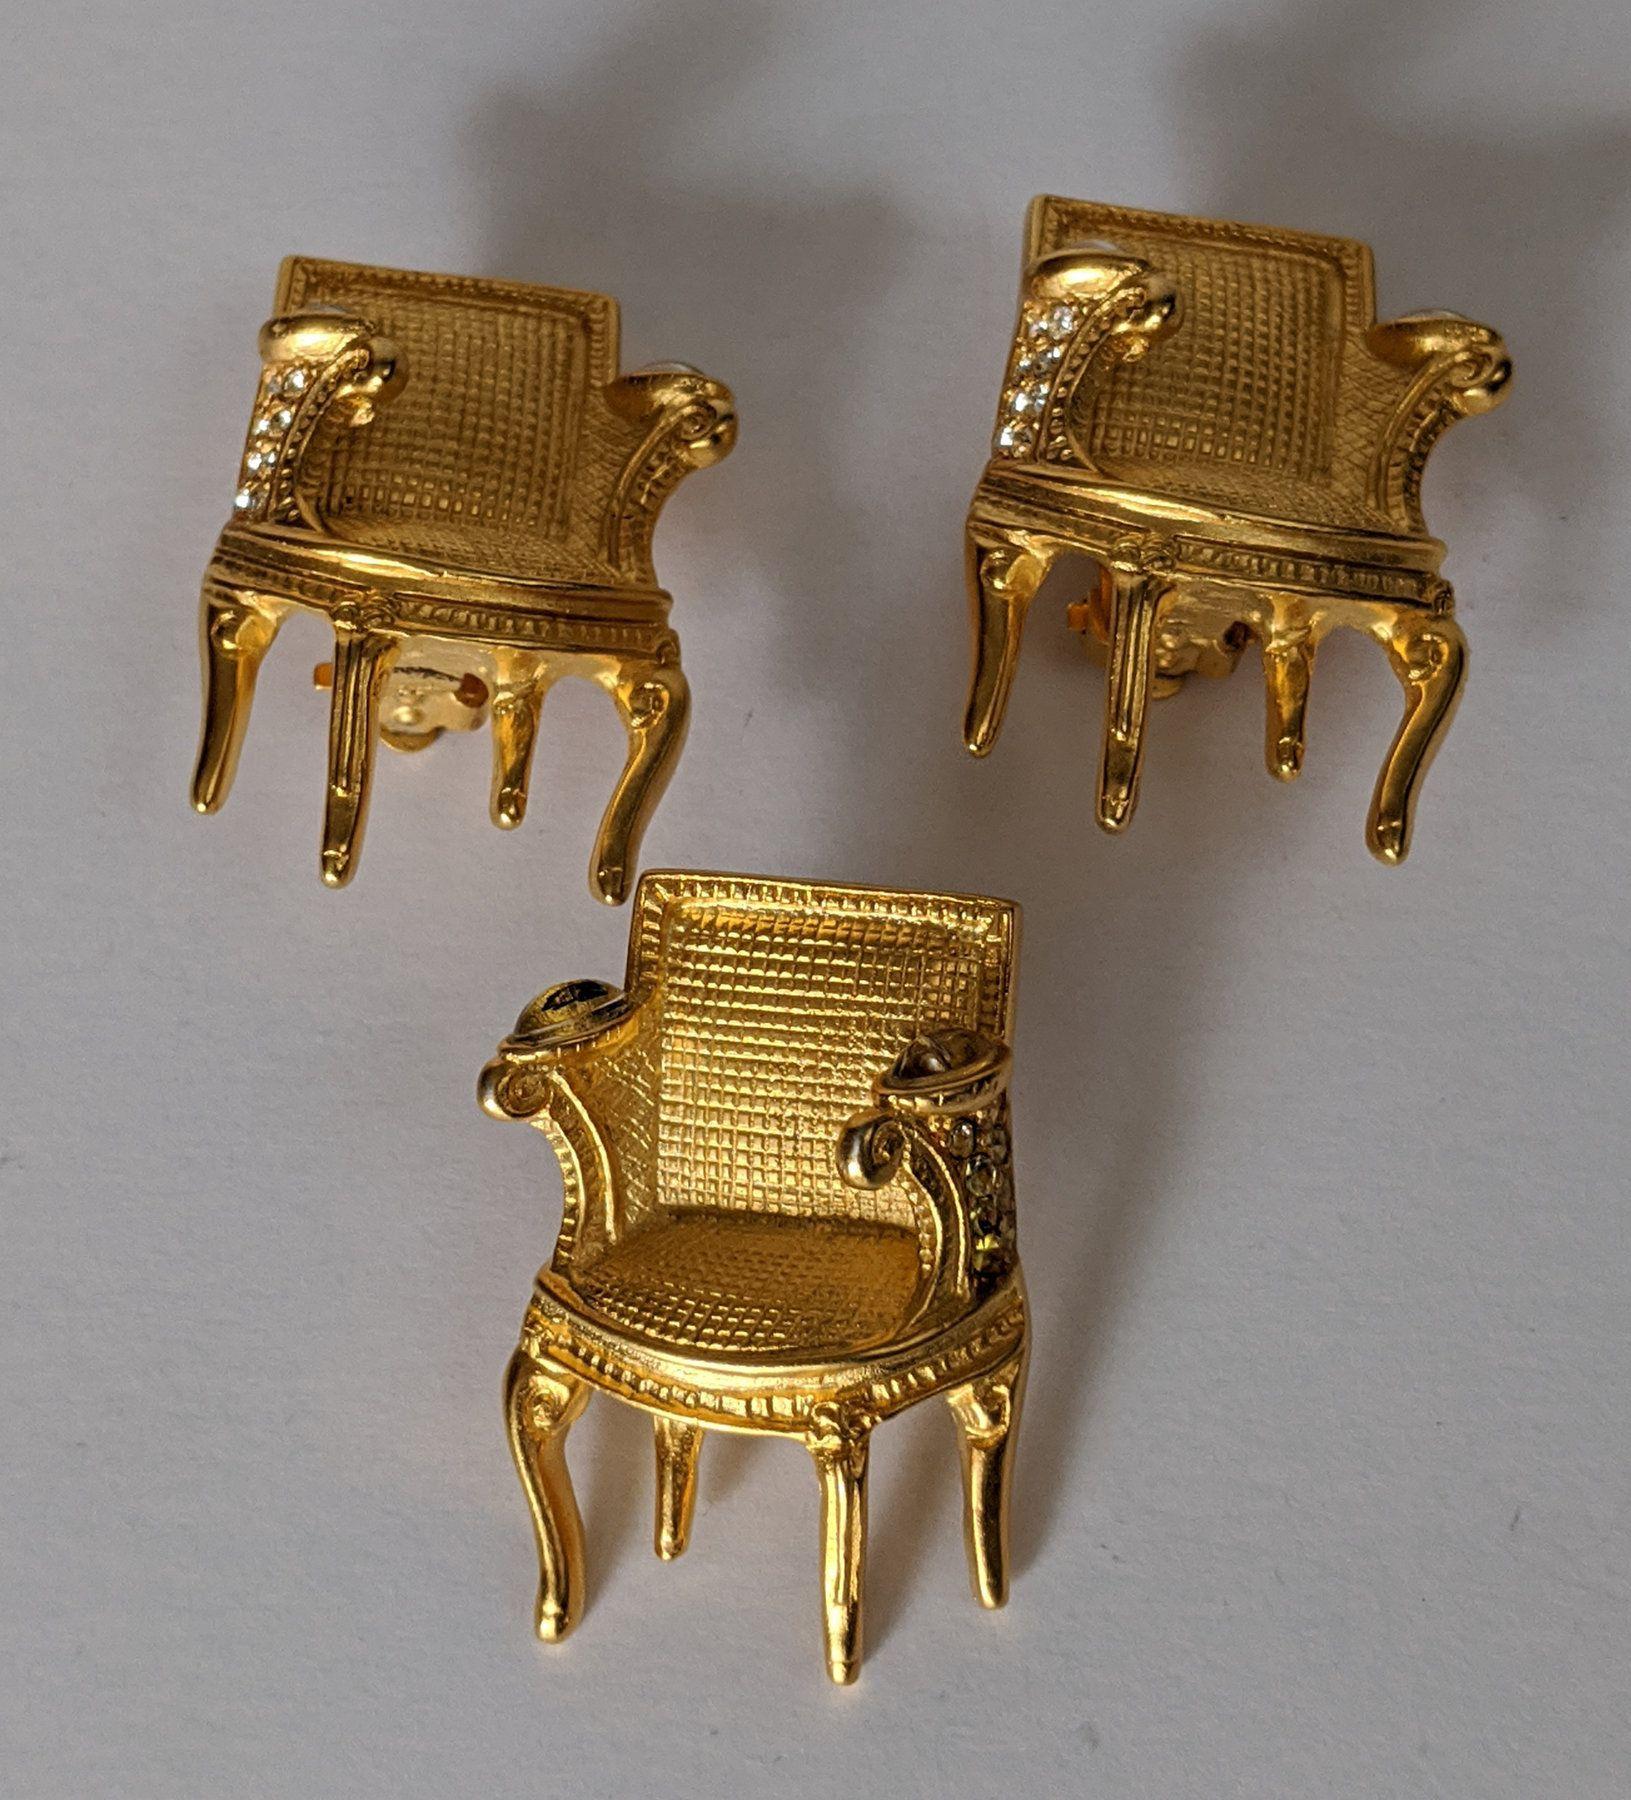 Acrylic Chair Earrings Aretes Silla En Acrilico Post Earrings Earrings Surgical Steel Earrings